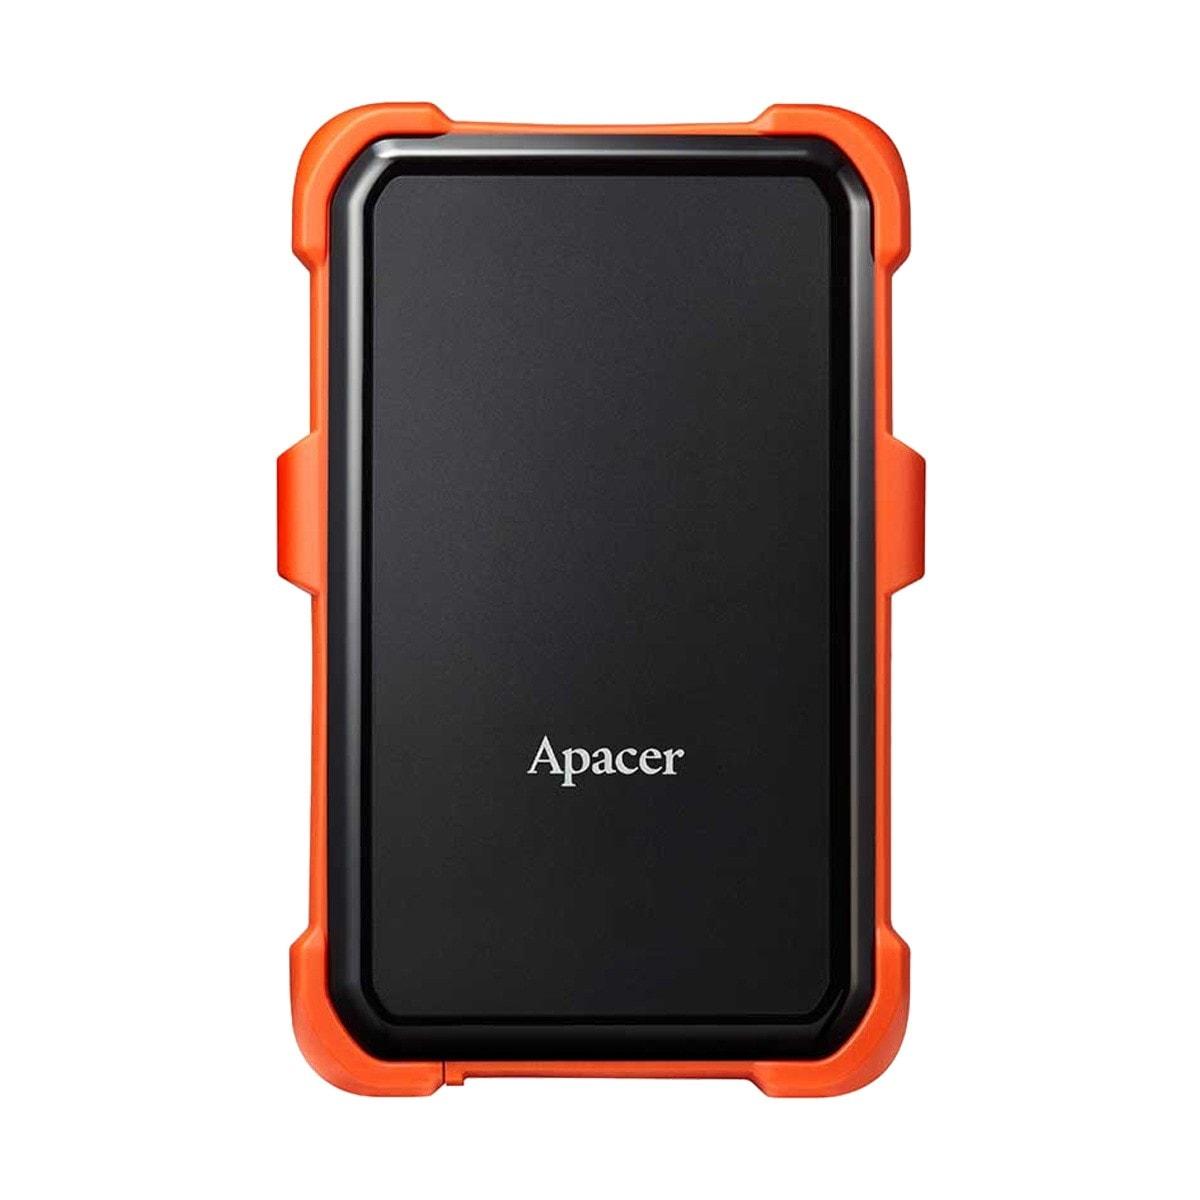 דיסק כונן קשיח חיצוני 2 טירה Apacer Portable Hard Drive